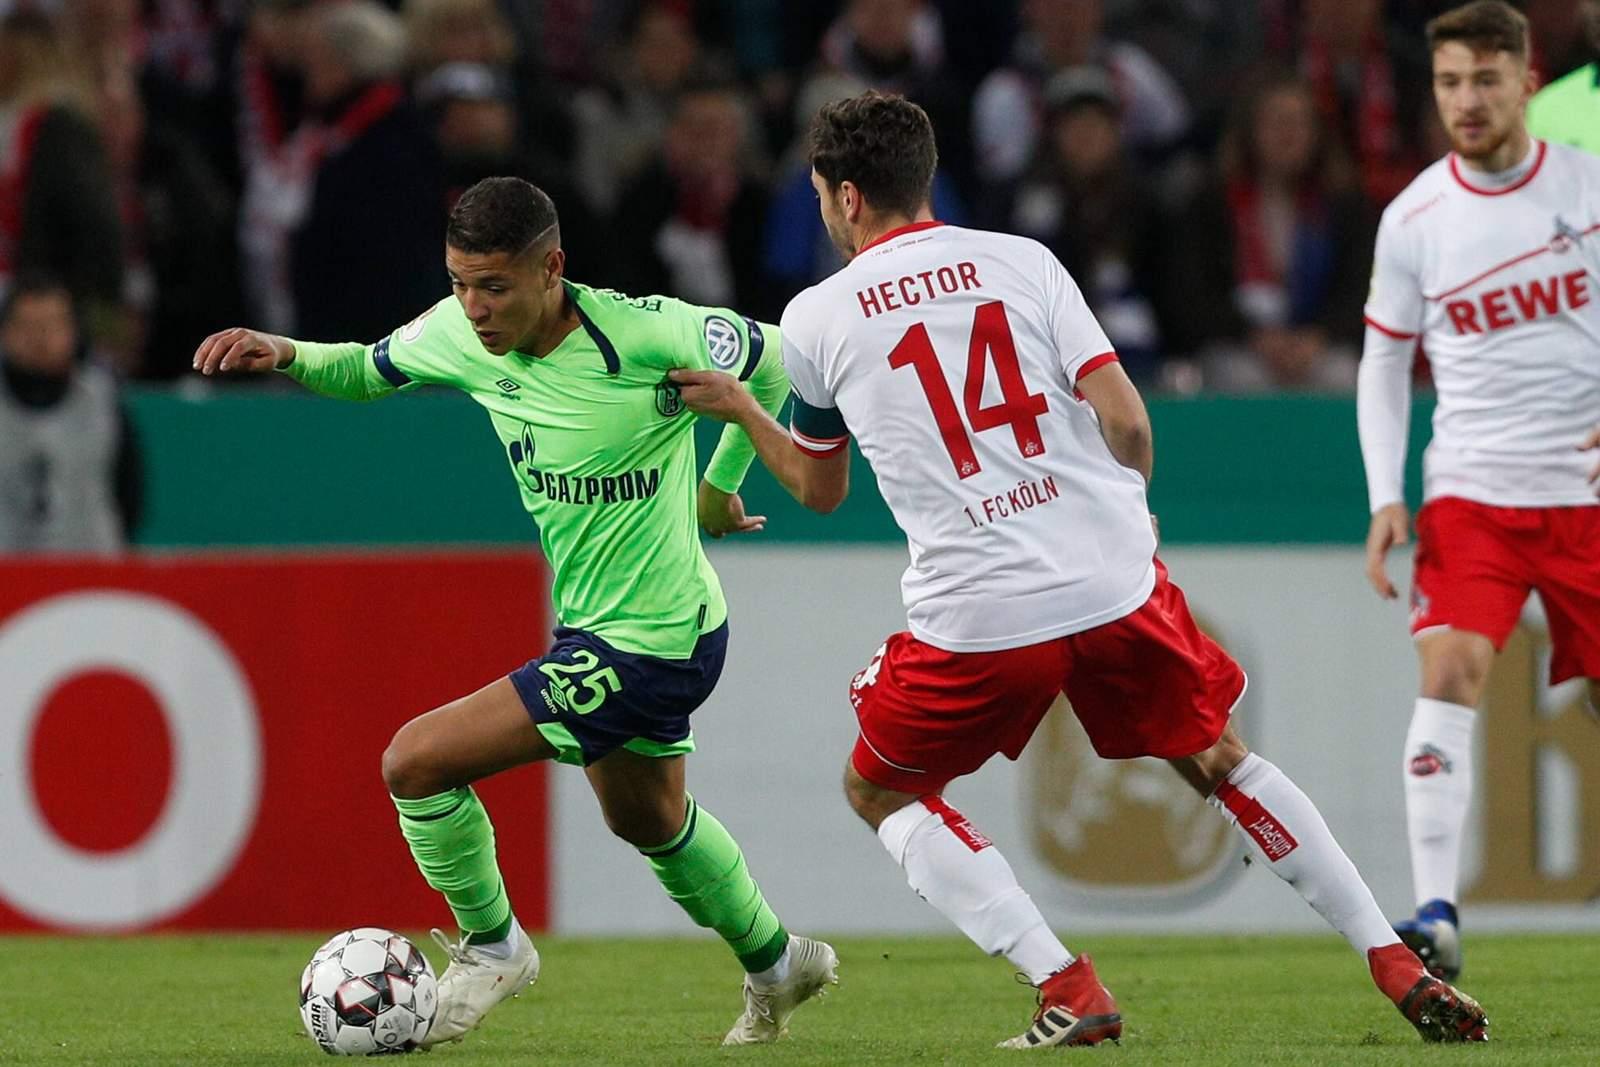 Setzt sich Harit wieder gegen Hector durch? Jetzt auf Schalke gegen Köln wetten